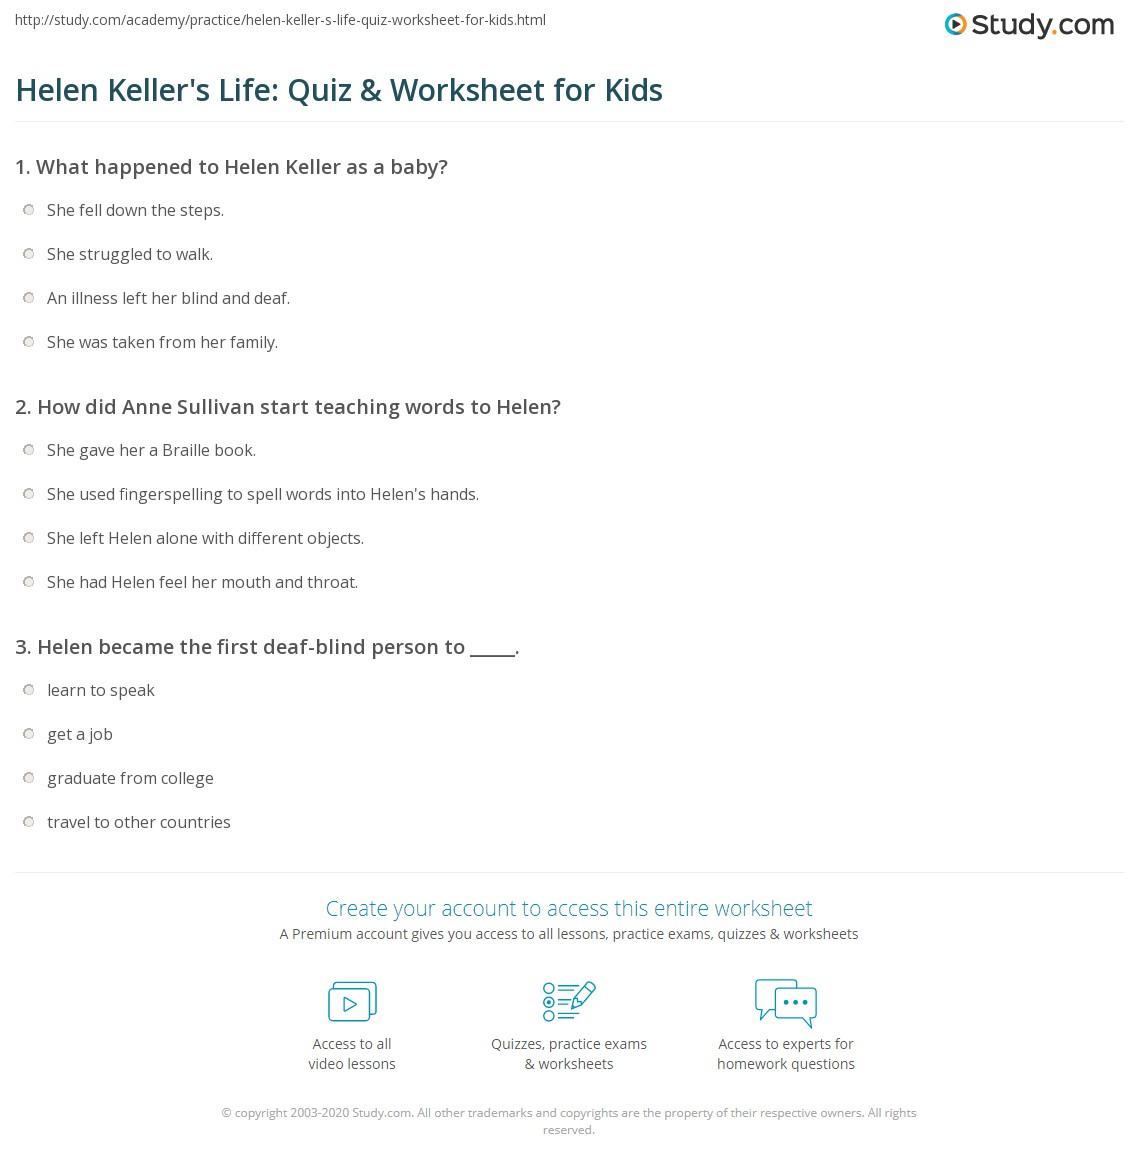 Worksheets Helen Keller Worksheets helen kellers life quiz worksheet for kids study com print keller lesson biography facts worksheet